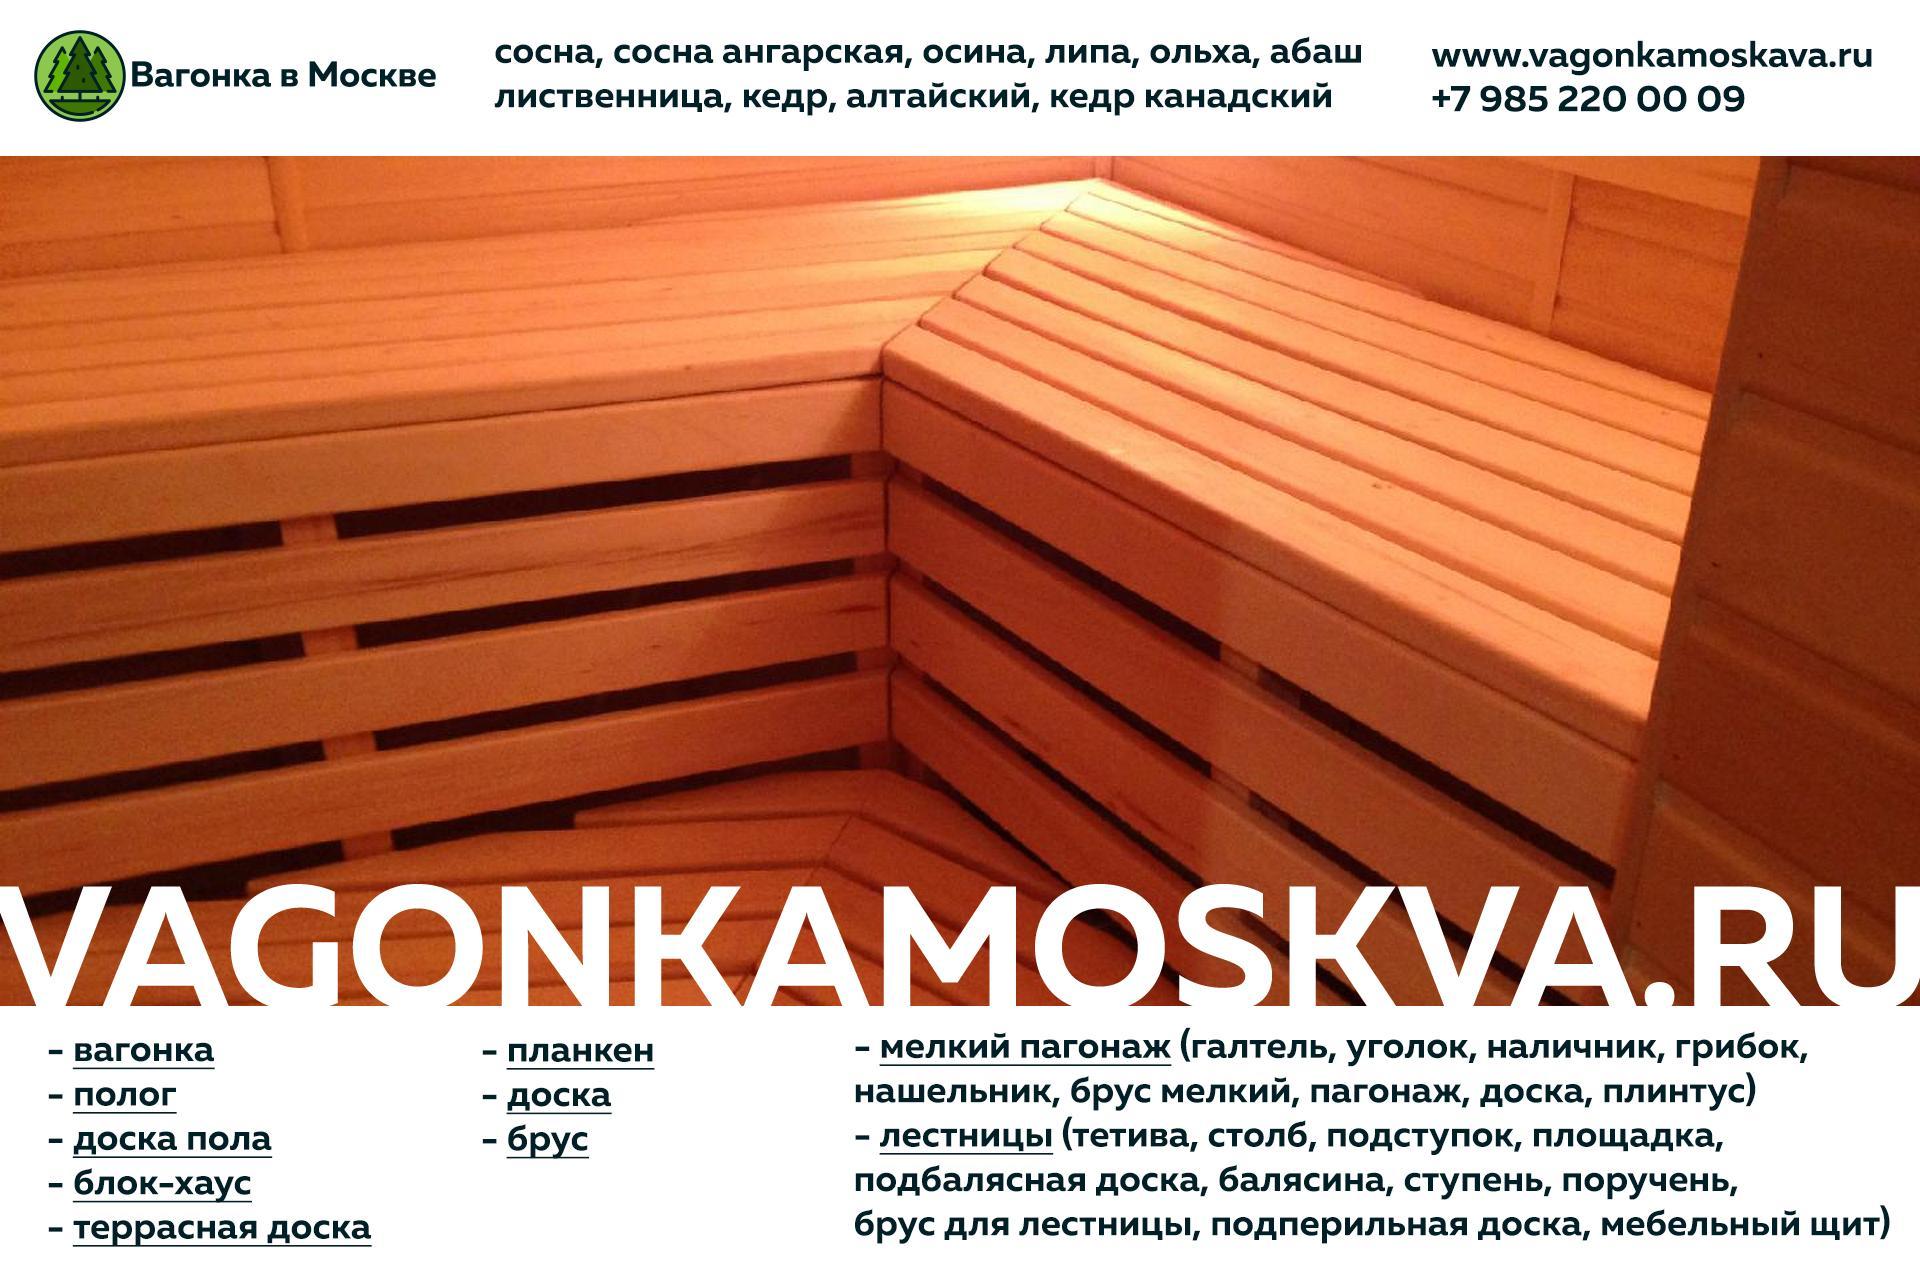 Какая лучше вагонка для бани: из ольхи, осины, лиственницы, кедра –подбор и расчет вагонки для бани с видео и фото | beaver-news.ru